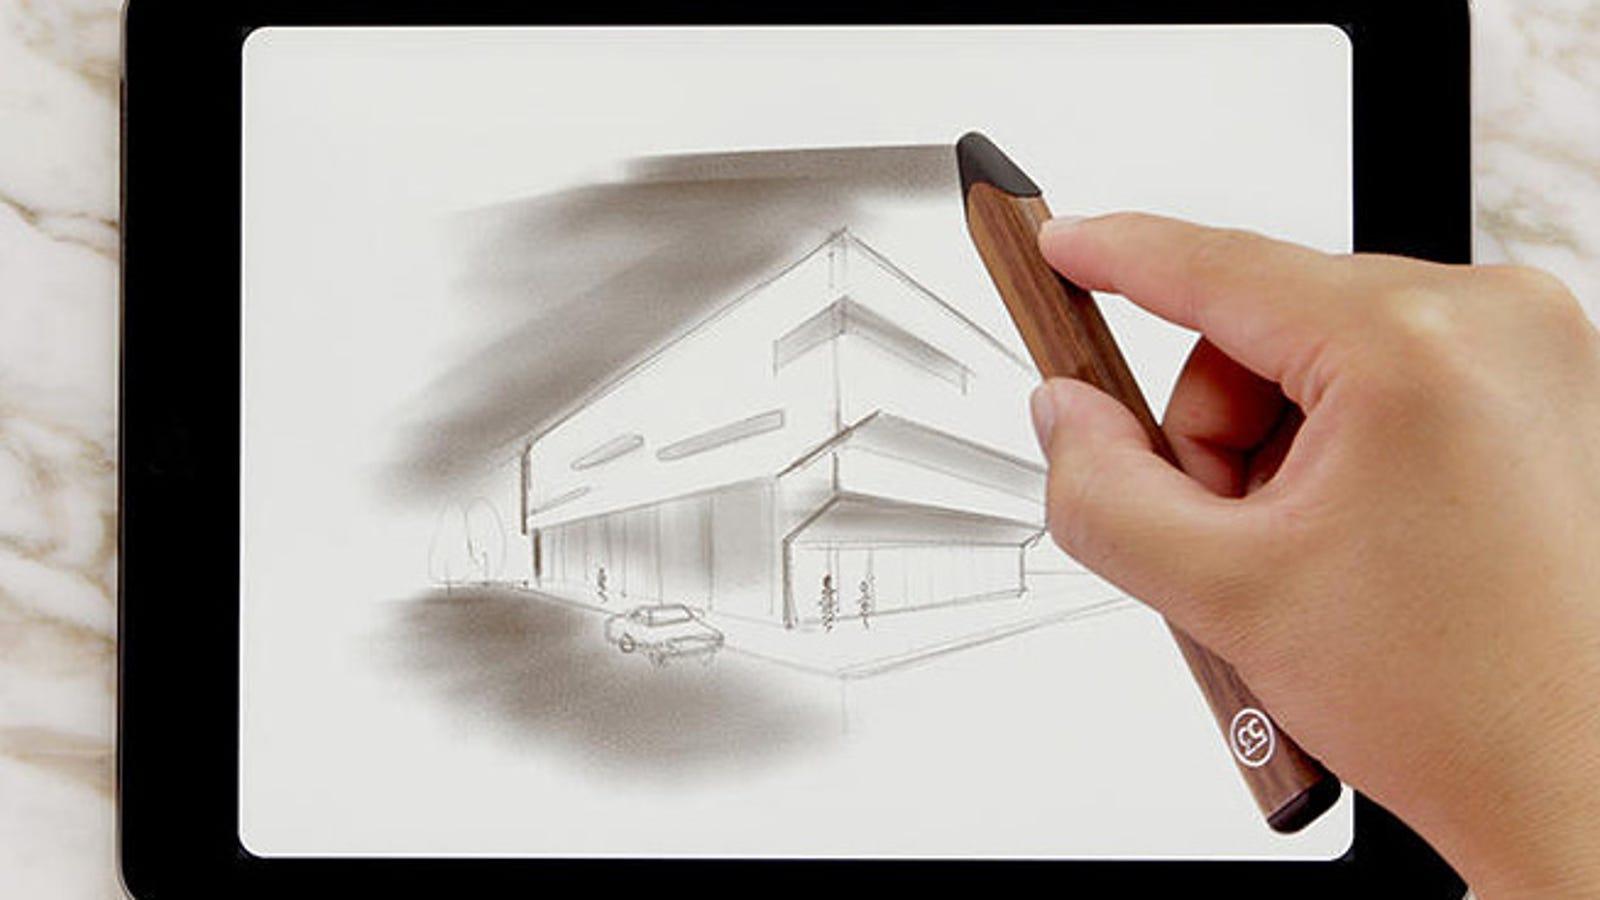 Dibujar en el iPad con iOS 8 será más sencillo que nunca